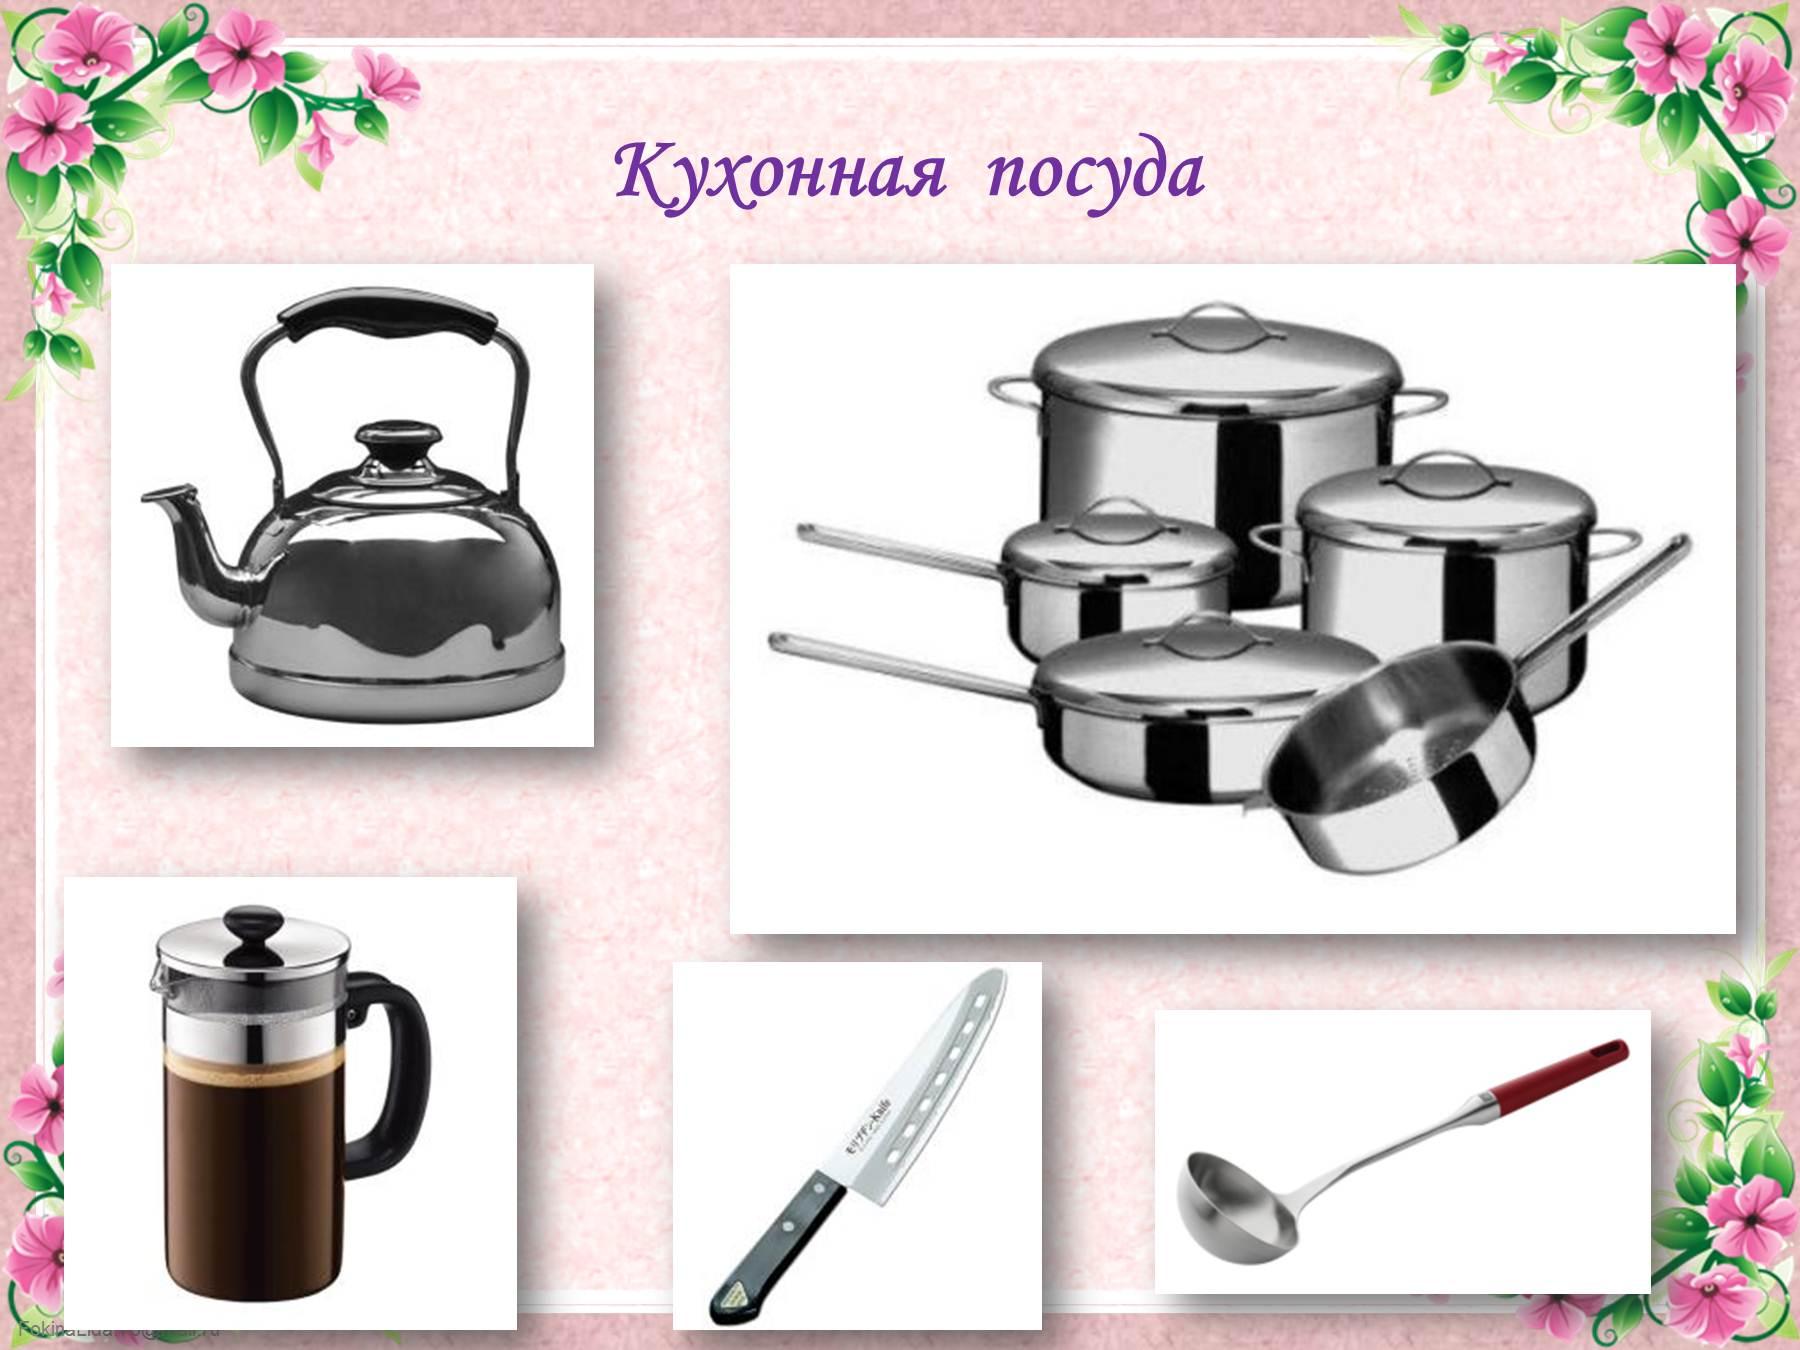 Виды посуды в картинках для детей